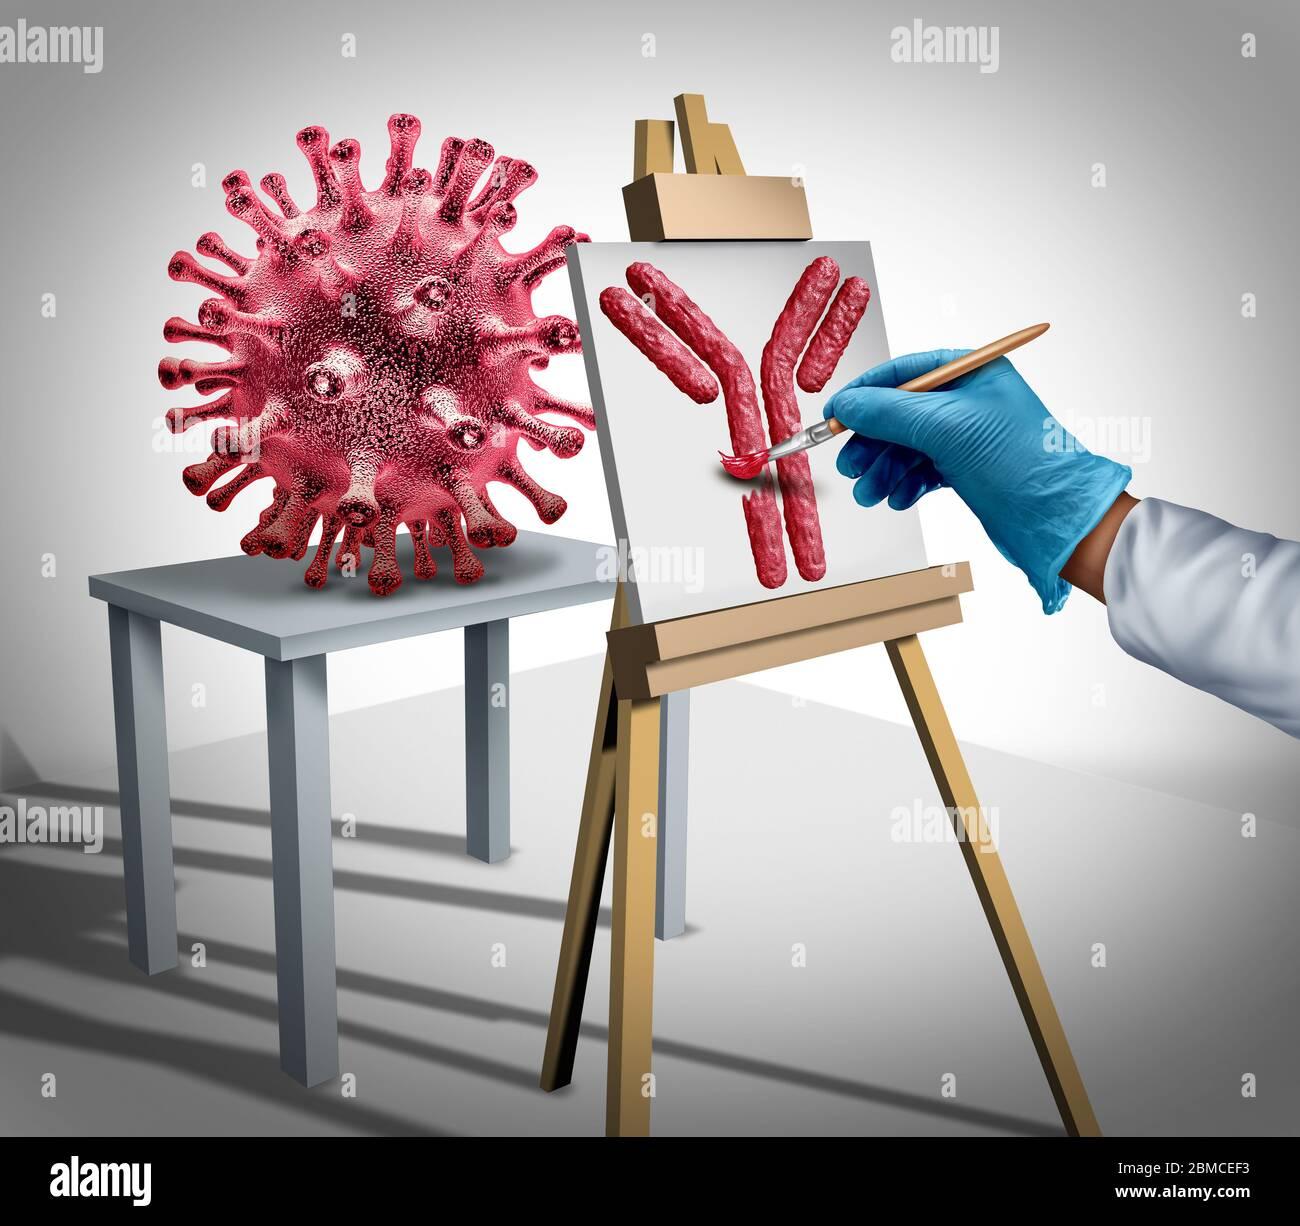 Concept de développement de vaccins contre le virus et recherche médicale sur la grippe ou le coronavirus comme immunoglobuline ou contrôle de la maladie avec un médecin créant un anticorps. Banque D'Images